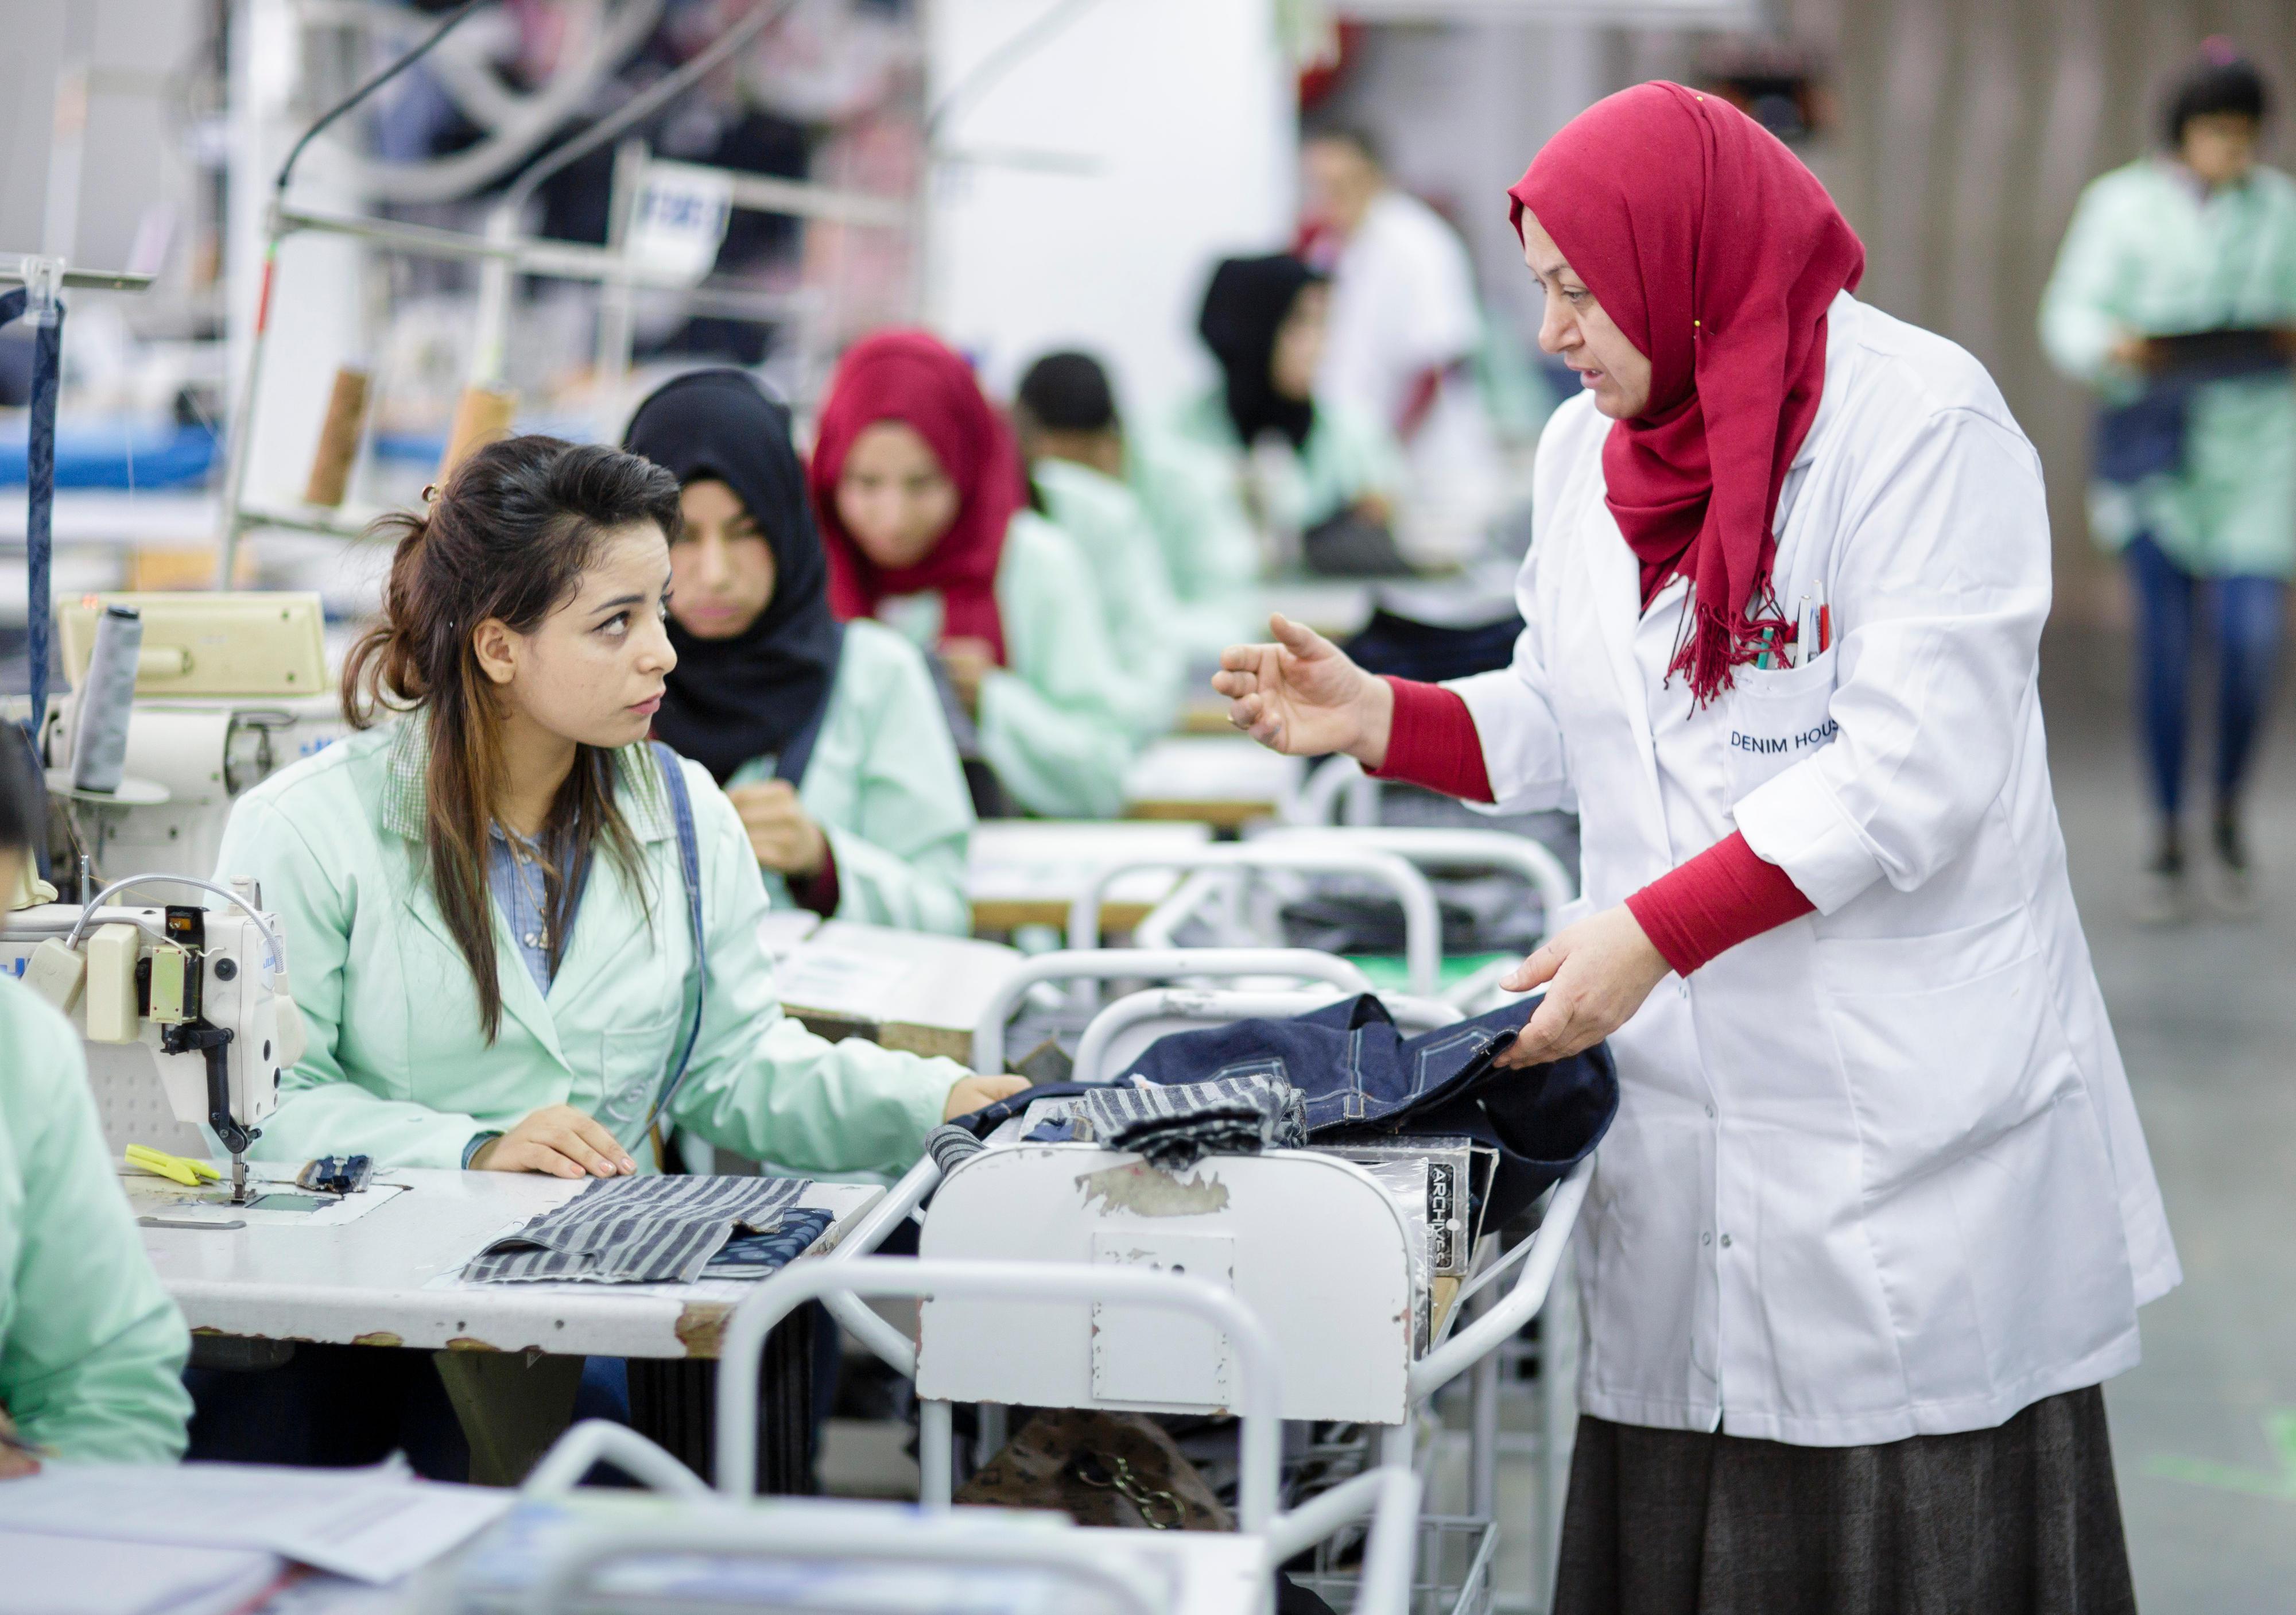 Ausbildungswerkstatt eines Textilunternehmens in Tunesien. Eine Ausbilderin leitet eine junge Näherin an.